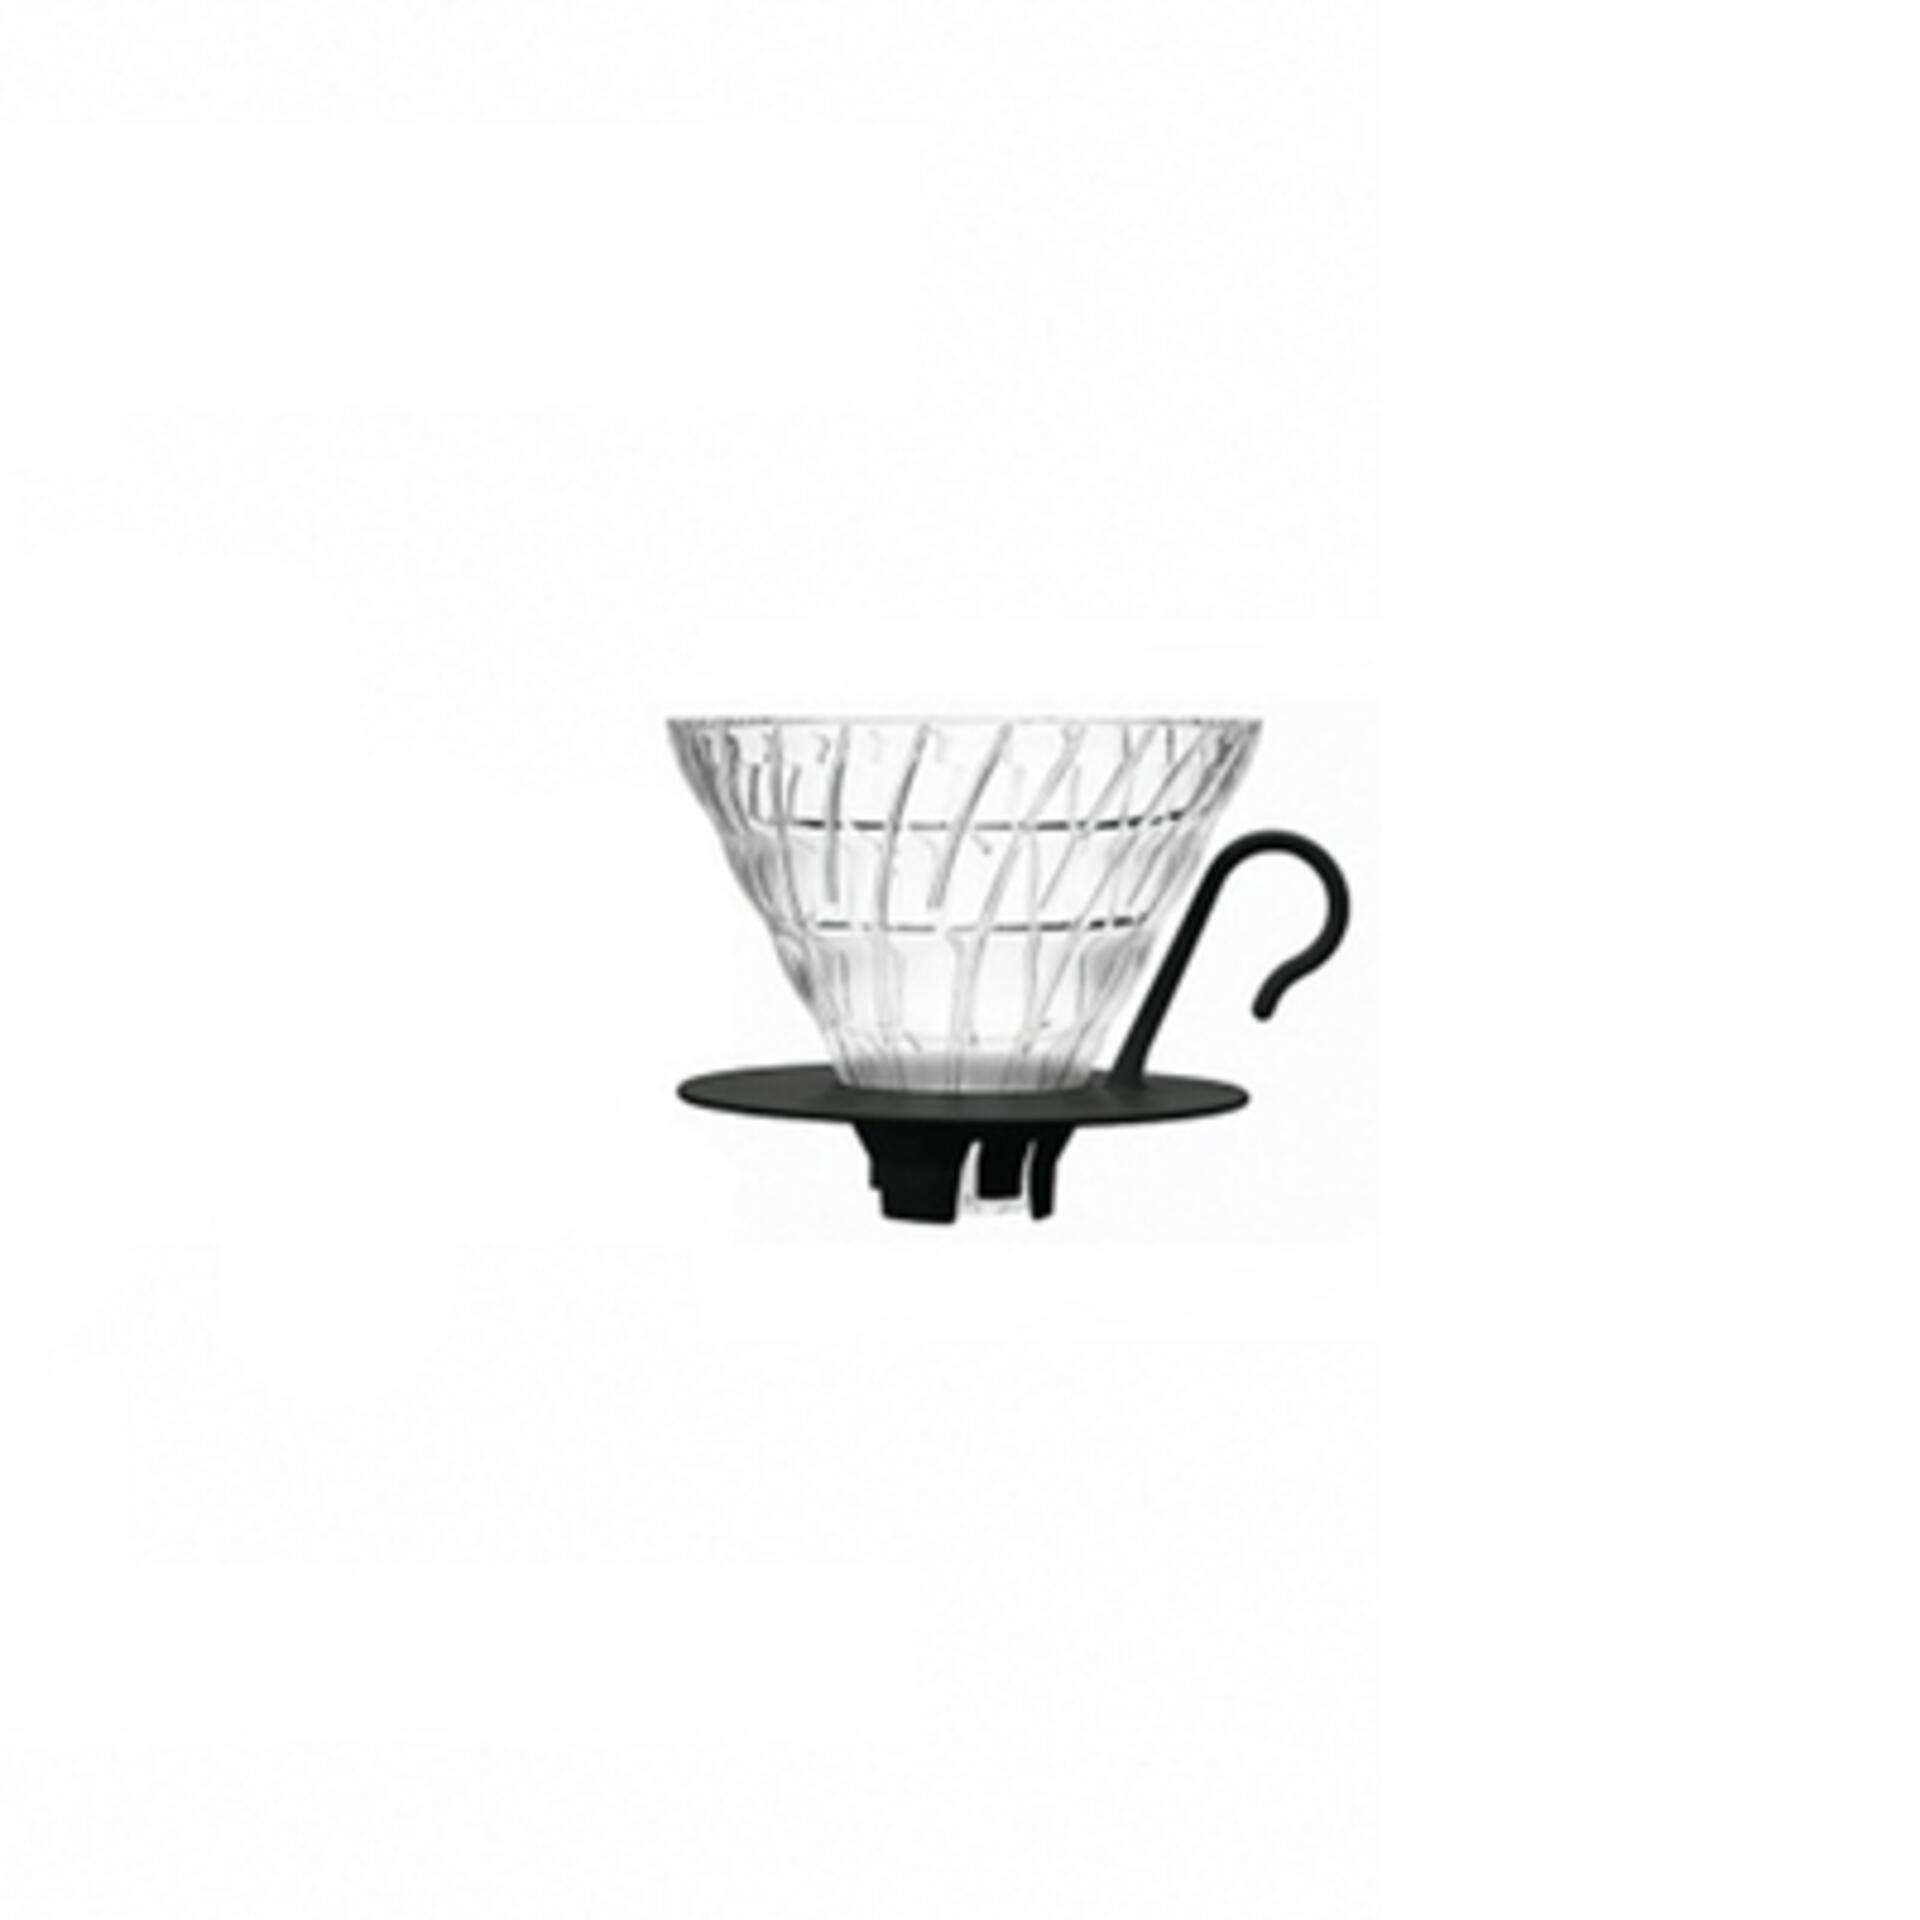 Hario Kaffeefilter V60 Glas Gr. 01